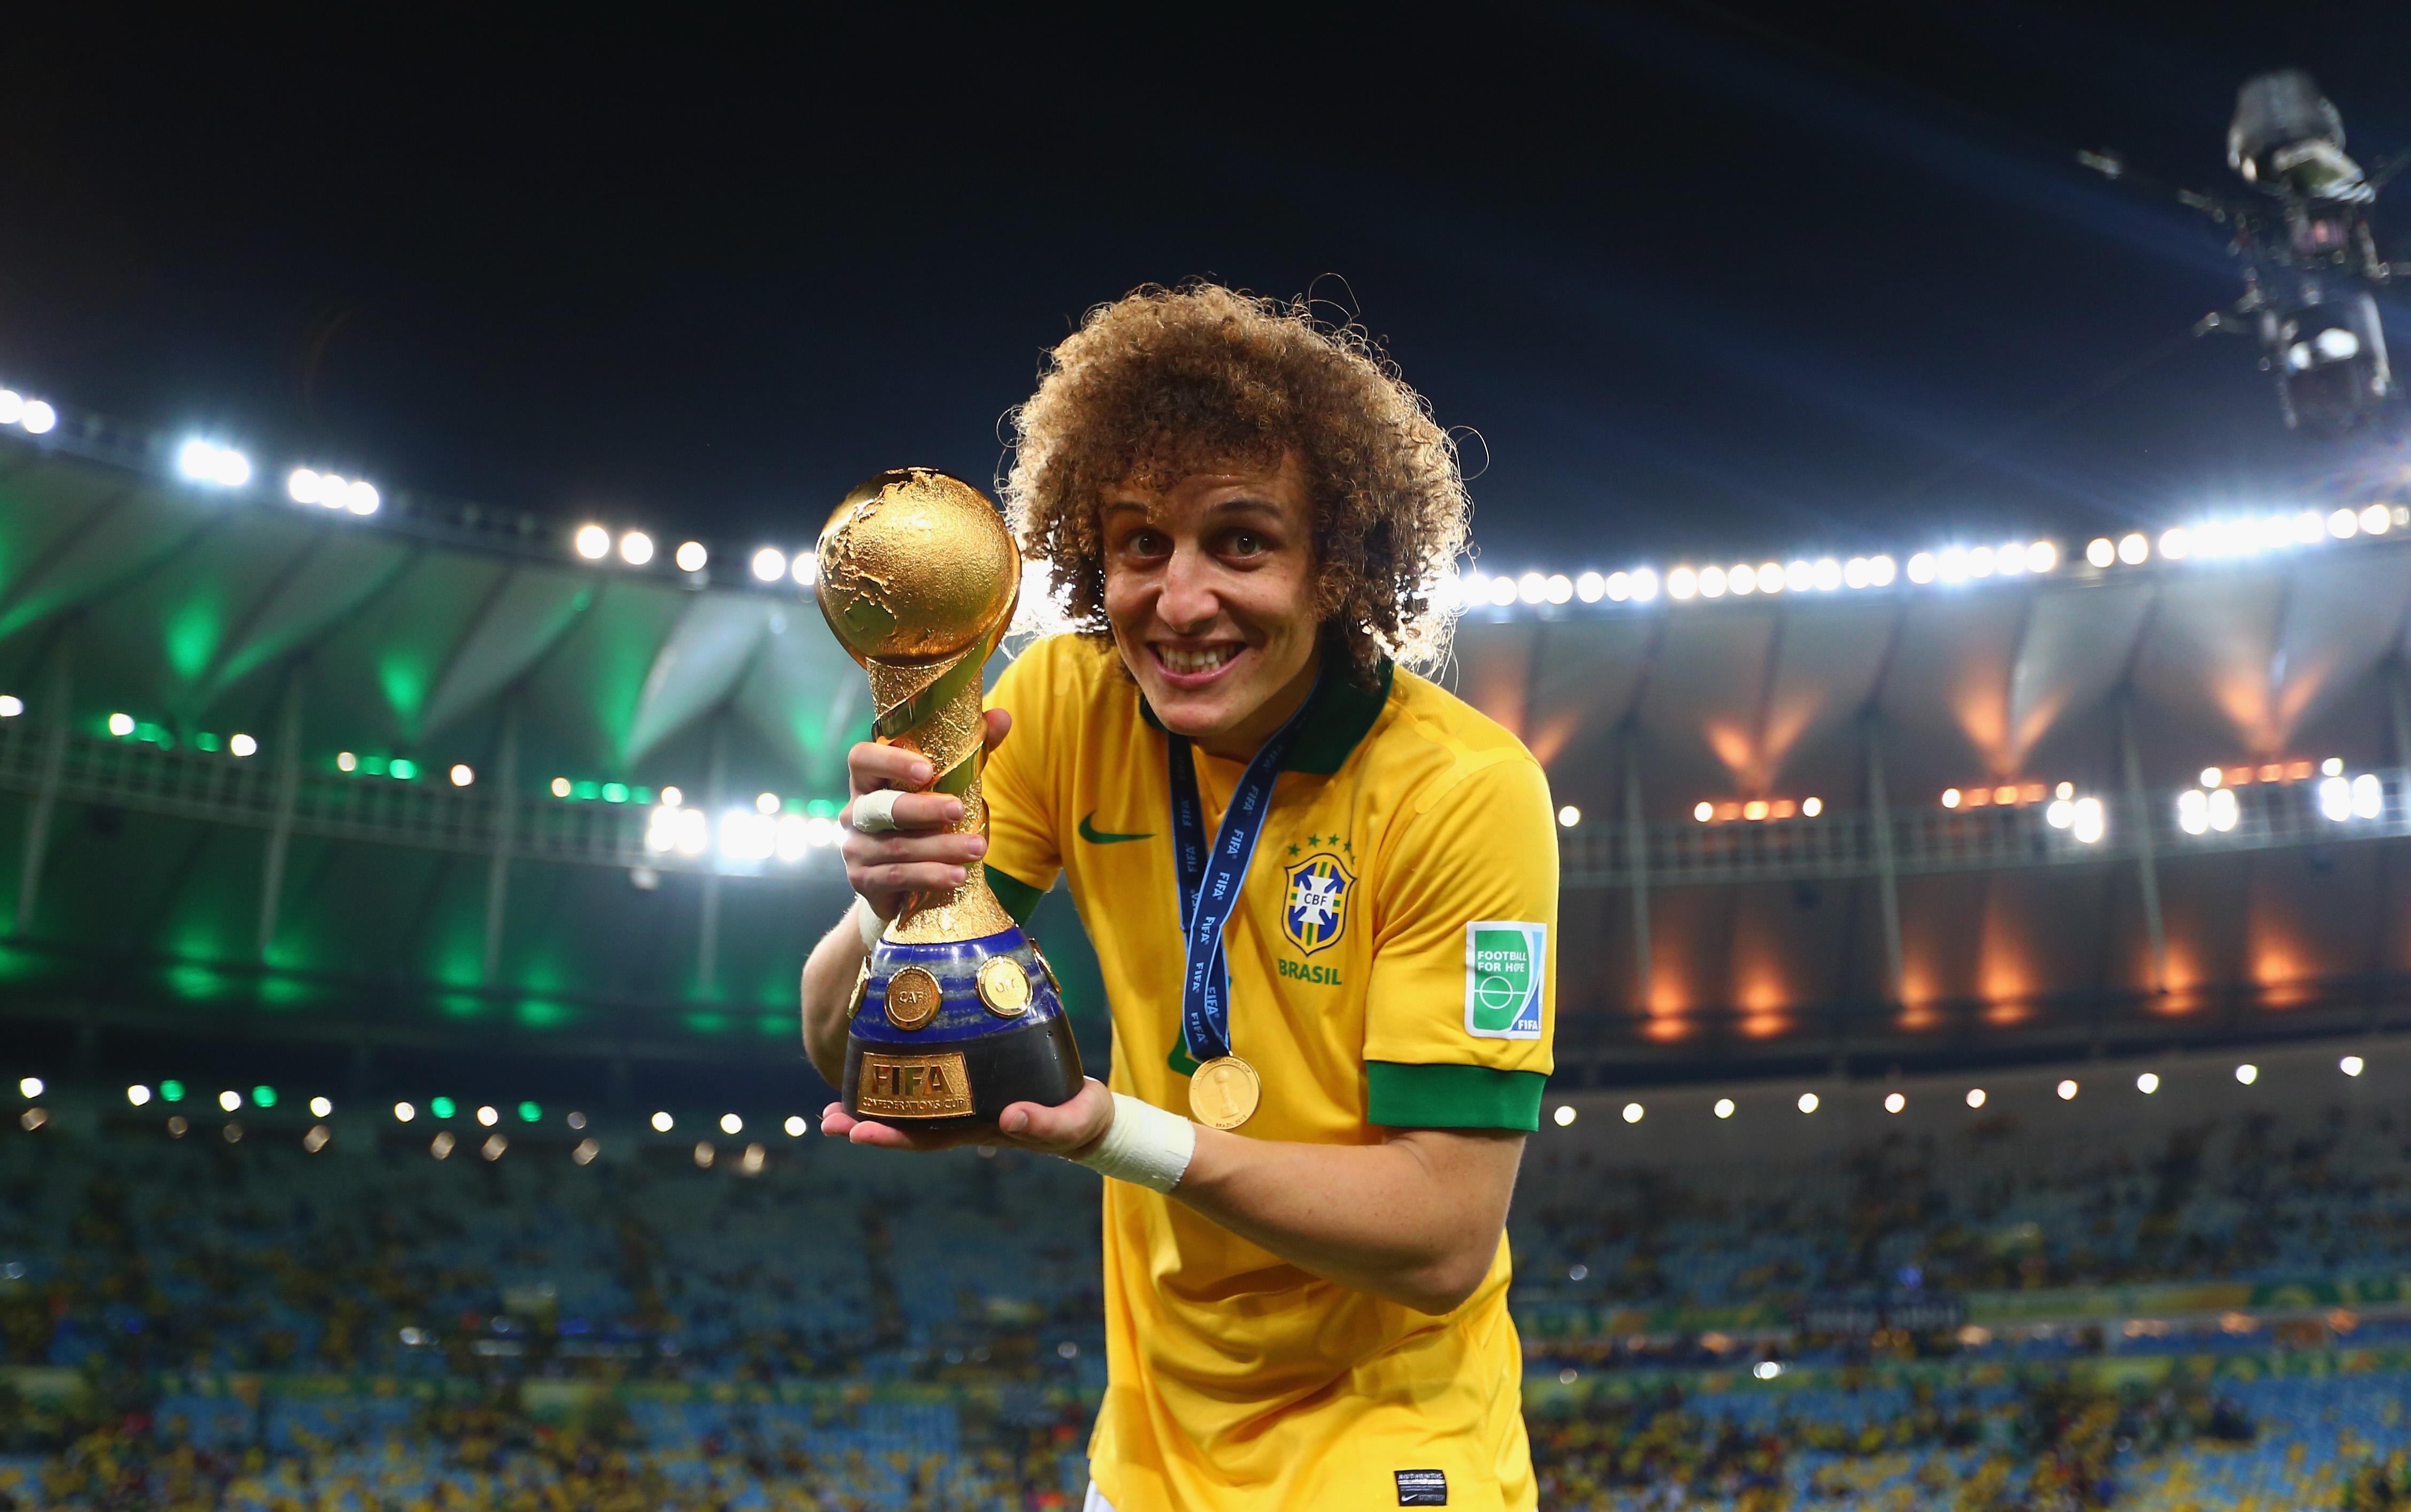 【bet365】Piala Konfederasi FIFA: Dapatkah Rusia Berjaya di Kandang?